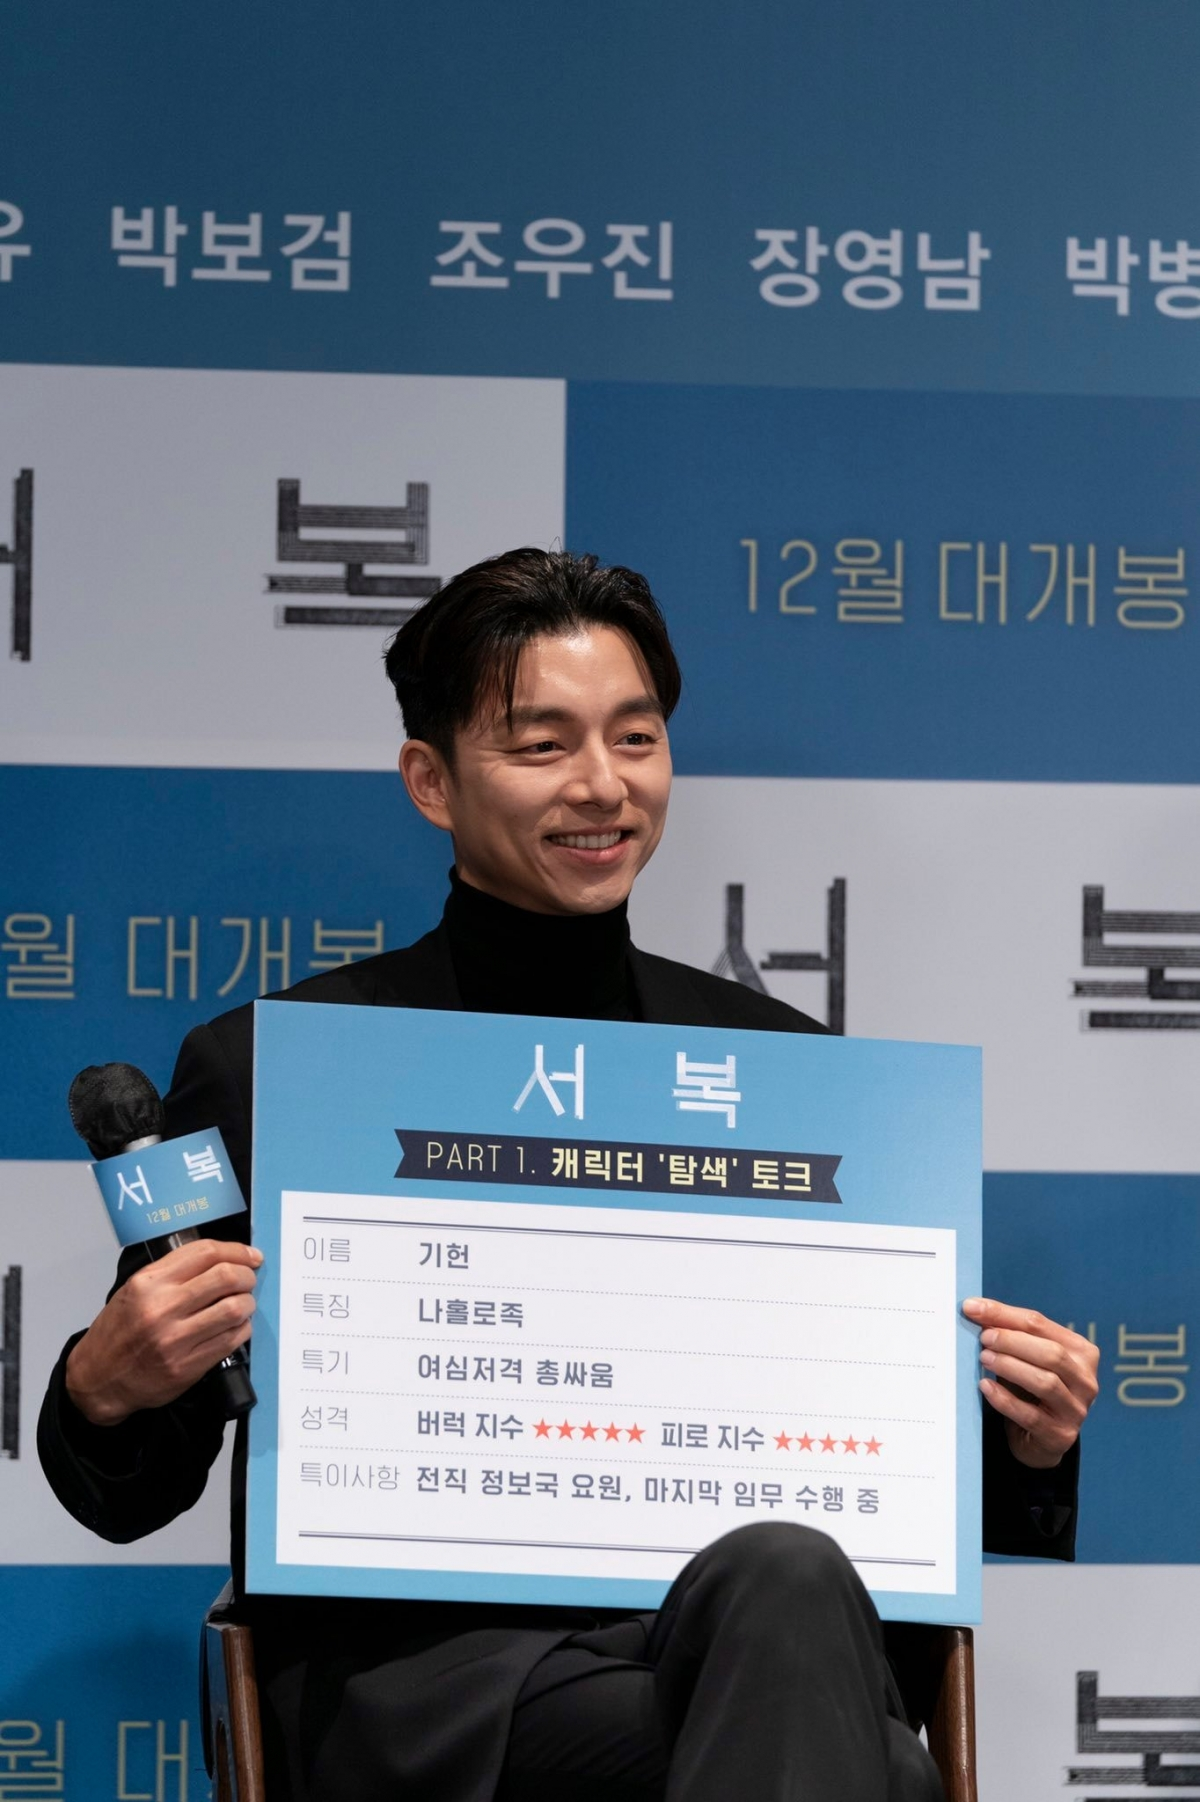 """Bên cạnh đó, ngôi sao """"Goblin"""" cũng tiết lộ về nhân vật Ki Heon: """"Tôi có một nỗi ám ảnh cá nhân. Nếu nói ra ở đây thì vào phim sẽ không thú vị nữa đâu. Là một cựu nhân viên cục tình báo và là một nhân vật sống cô đơn trong bóng tối vì chấn thương tâm lý đó, tôi sẽ đảm nhận nhiệm vụ cuối cùng của đời mình, đó là đồng hành cùng Seo Bok"""""""